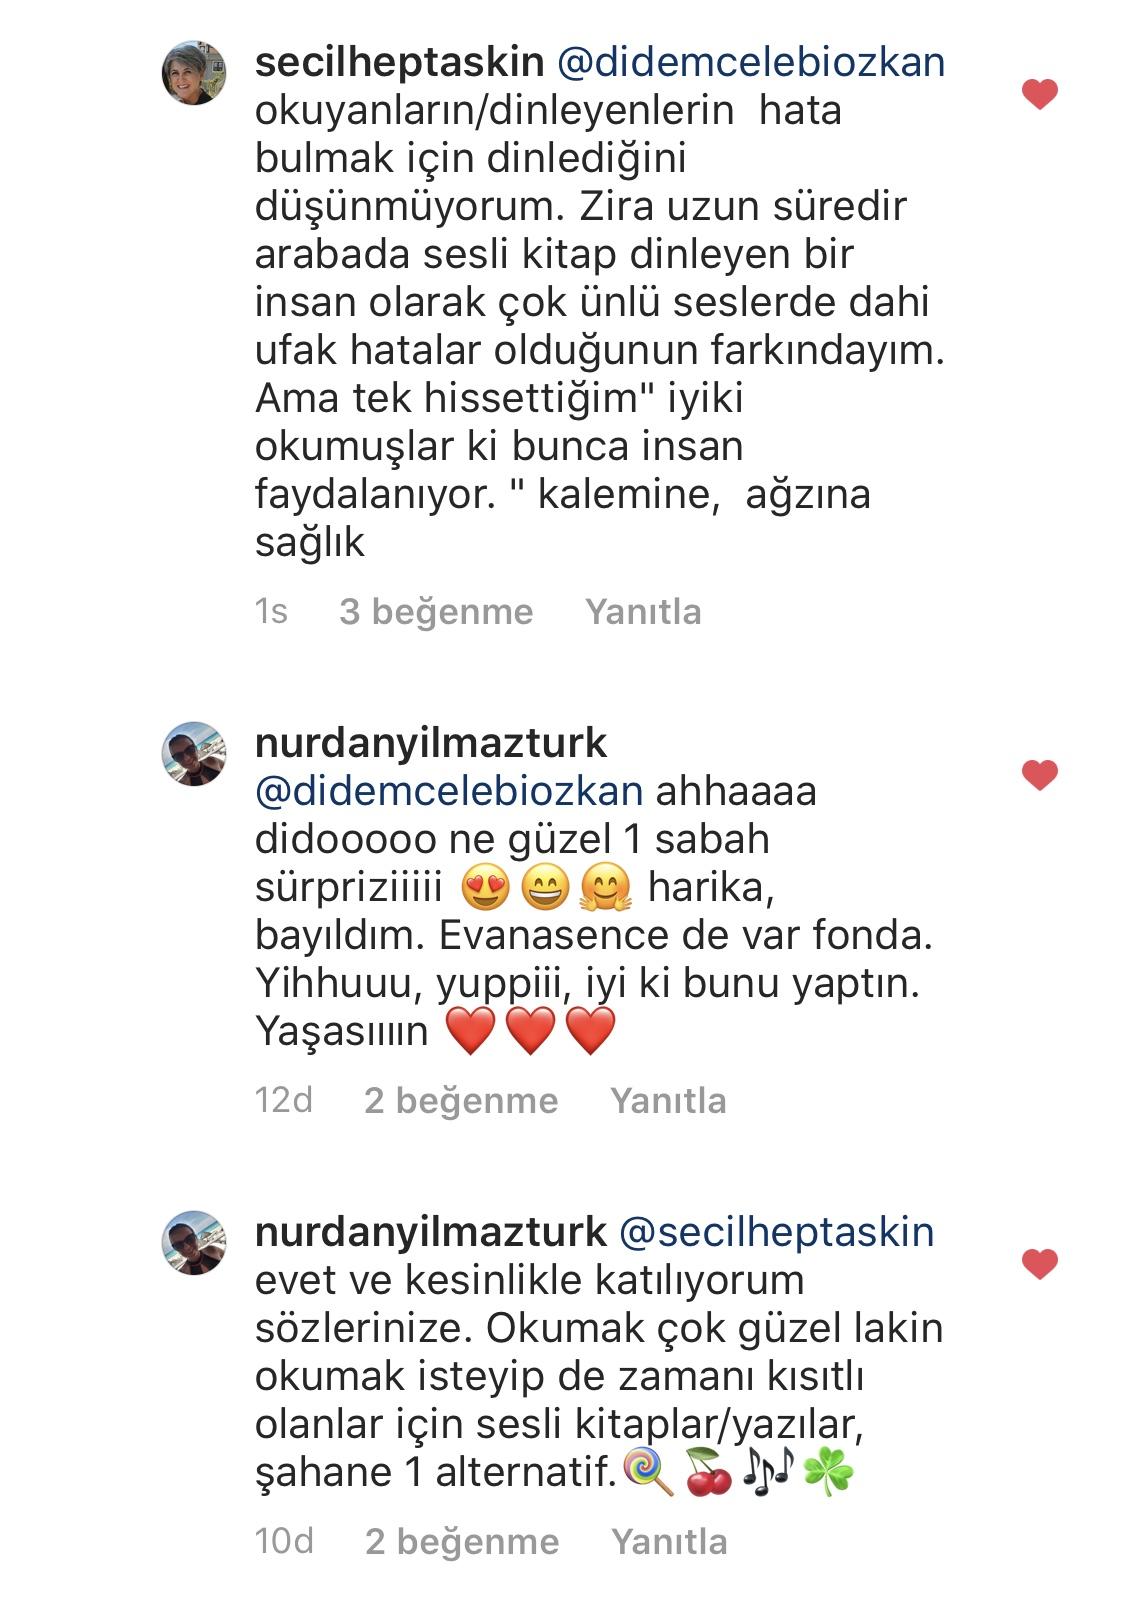 Umarım Bu Gece Öldürülmem    Didem Çelebi Özkan   Instagram Yorumları   02